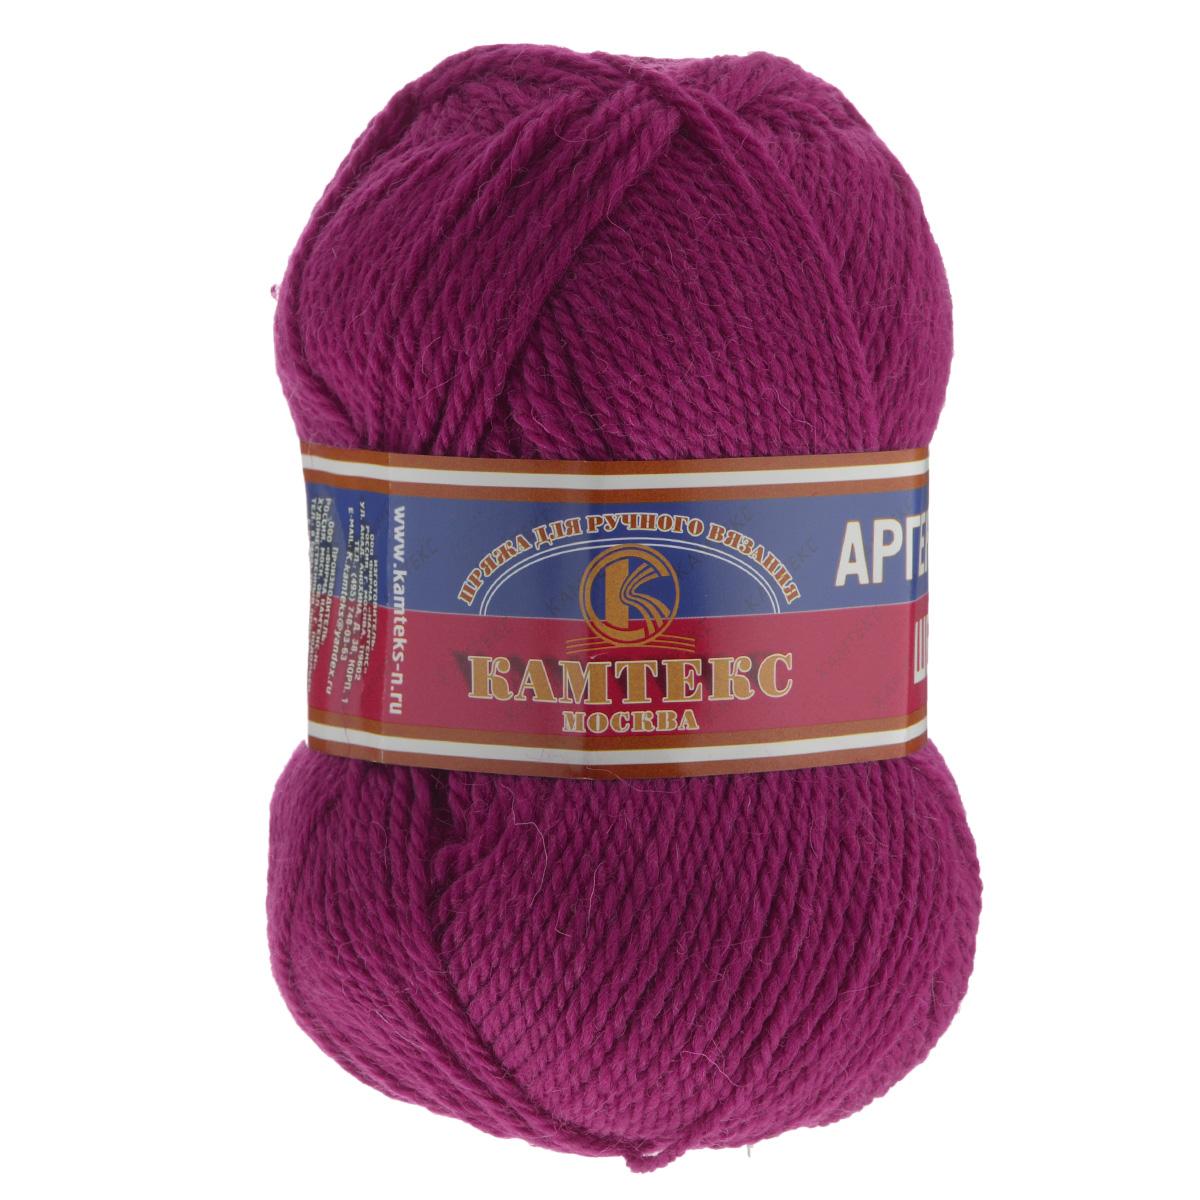 Пряжа для вязания Камтекс Аргентинская шерсть, цвет: цикломен (191), 200 м, 100 г, 10 шт136071_191Пряжа для вязания Камтекс Аргентинская шерсть - это стопроцентная импортная шерсть, которая отличается прочностью и гладкостью. Даже при взгляде на моток, сразу видно, что вещи из этой пряжи будут выглядеть дорого. Изделия не скатываются и не деформируются. Пряжа очень легка в работе, даже при роспуске полотна, она не цепляется, и не путается. Ниточка безумно теплая и уютная, отлично подходит для нашей морозной зимы. Даже ажурные шапки и шарфы при всей своей тонкости будут самыми надежными защитниками от снега и сильного ветра. Очень хорошо смотрятся из этой шерсти узоры из кос и жгутов. Рекомендуются спицы и крючки для вязания 3-5 мм. Состав: 100% шерсть.